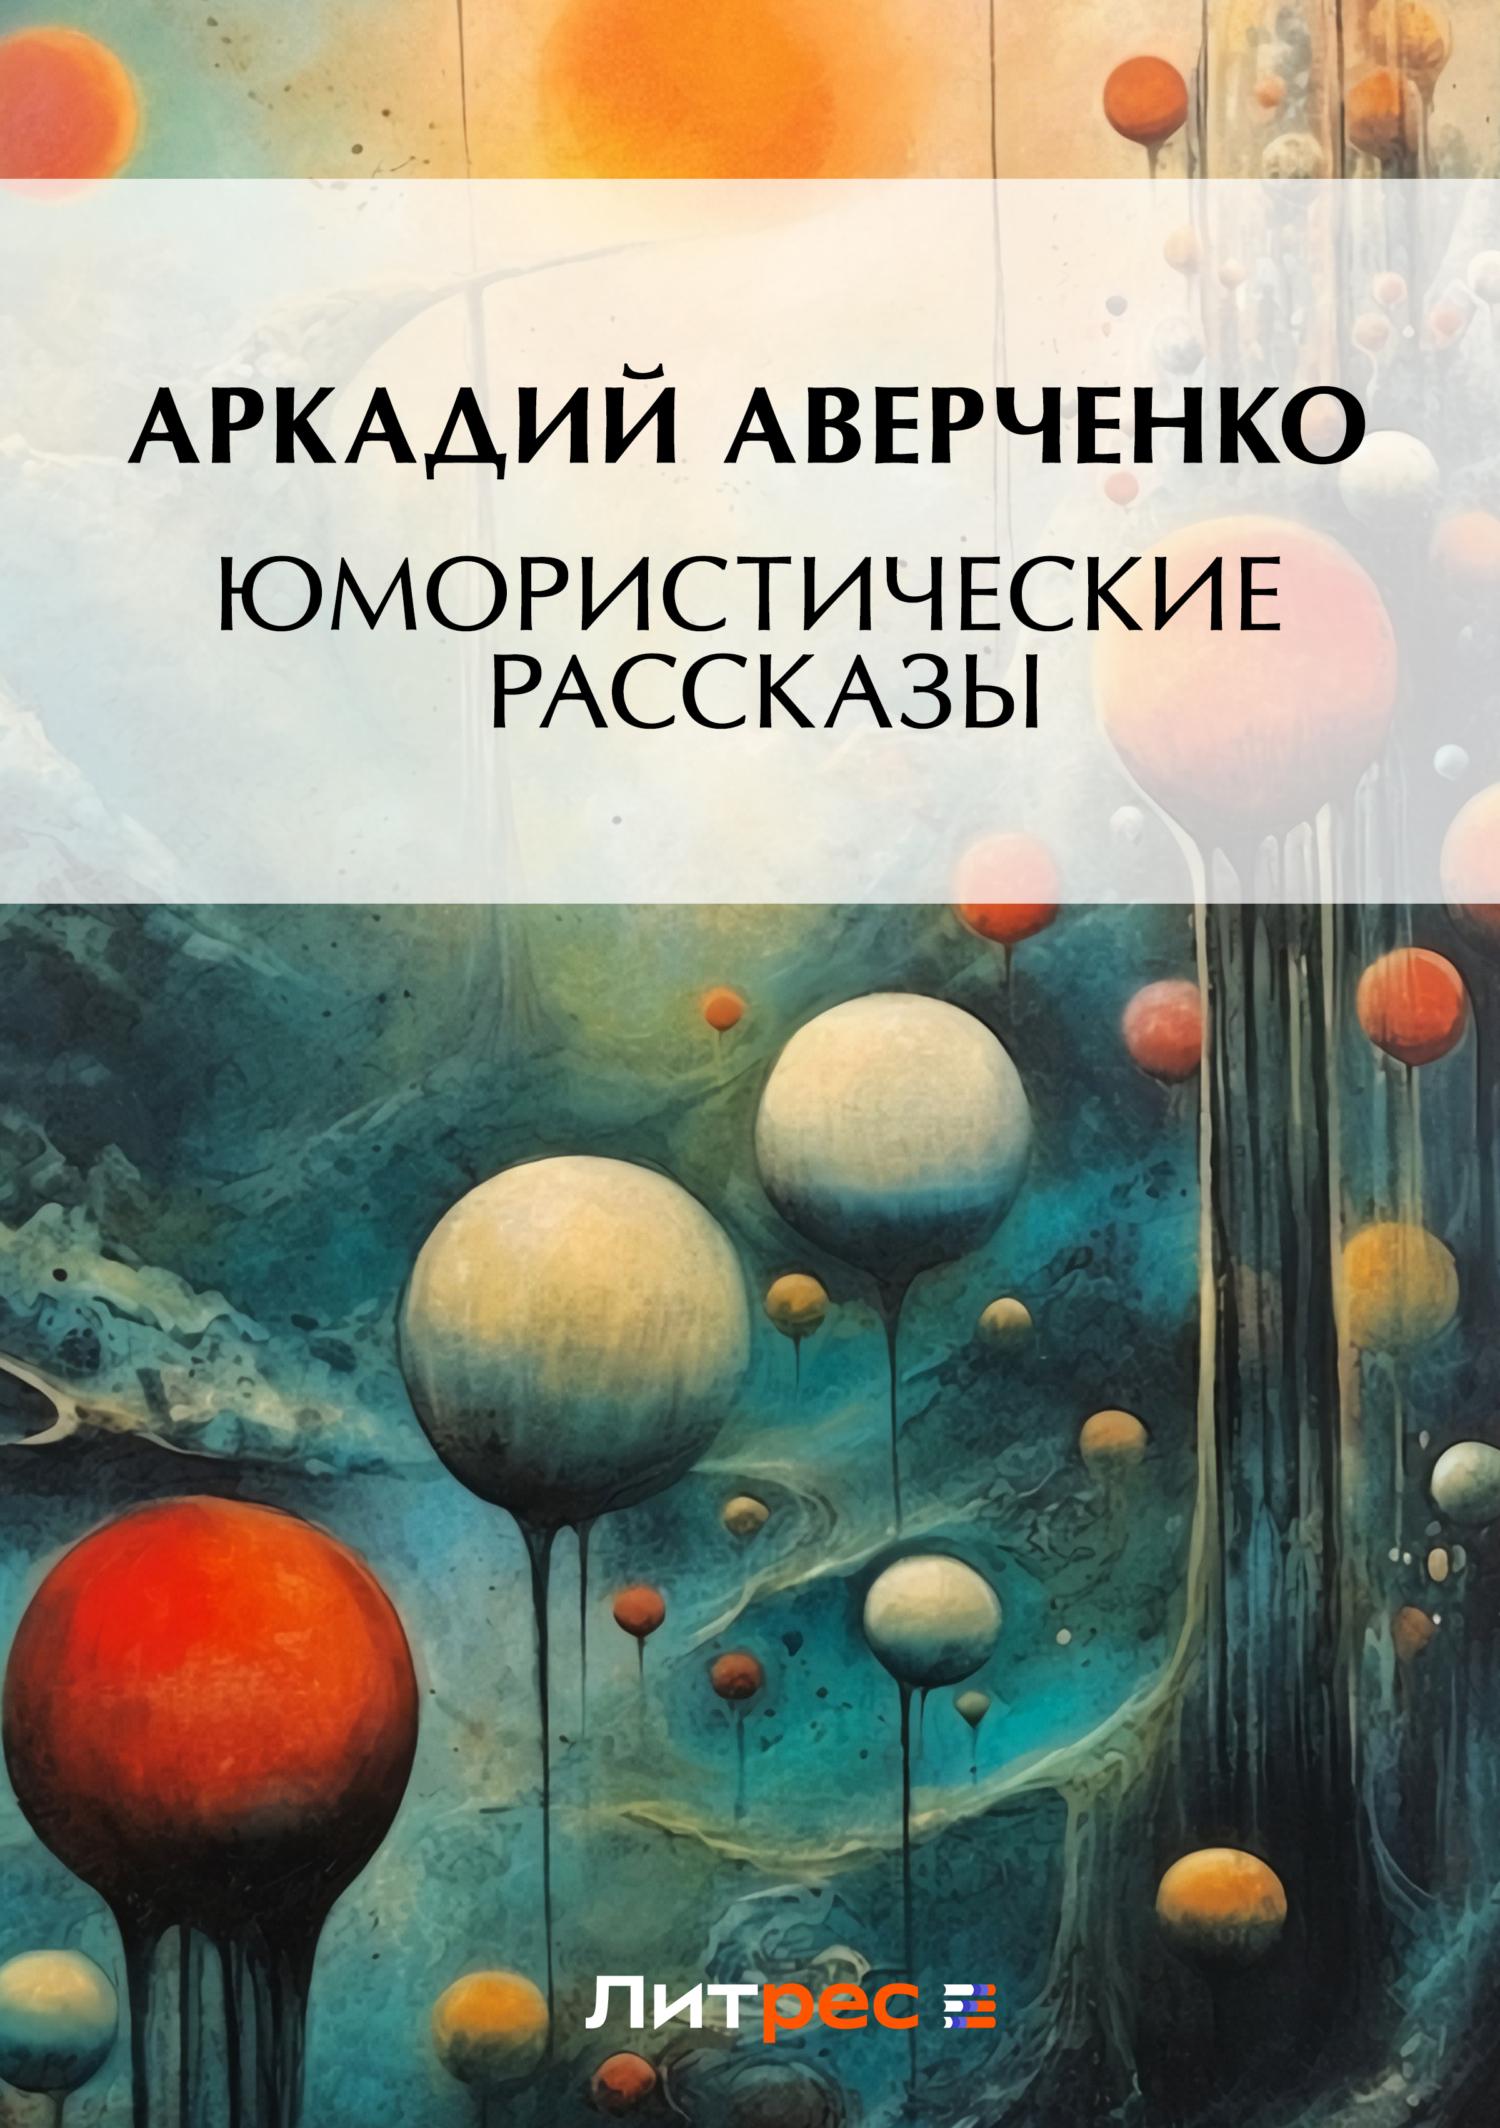 Аркадий Аверченко Юмористические рассказы